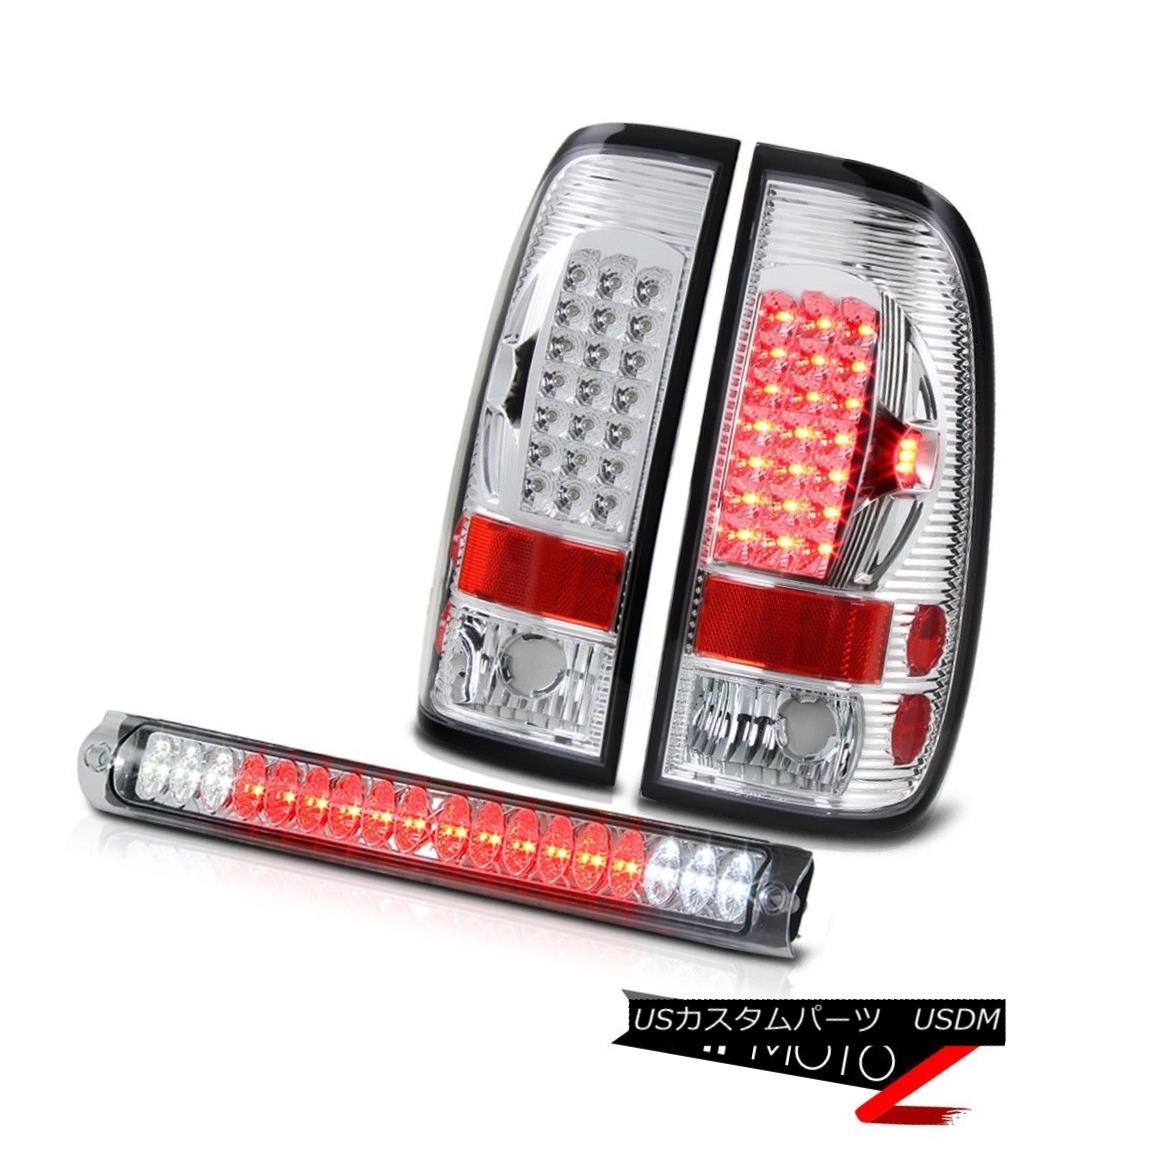 テールライト F150 XLT 1997 1998 Chrome LED Tail Lights Bulb 3rd Brake Set Truck Off Road Lamp F150 XLT 1997 1998クロームLEDテールライトバルブ第3ブレーキセットオフロードランプ